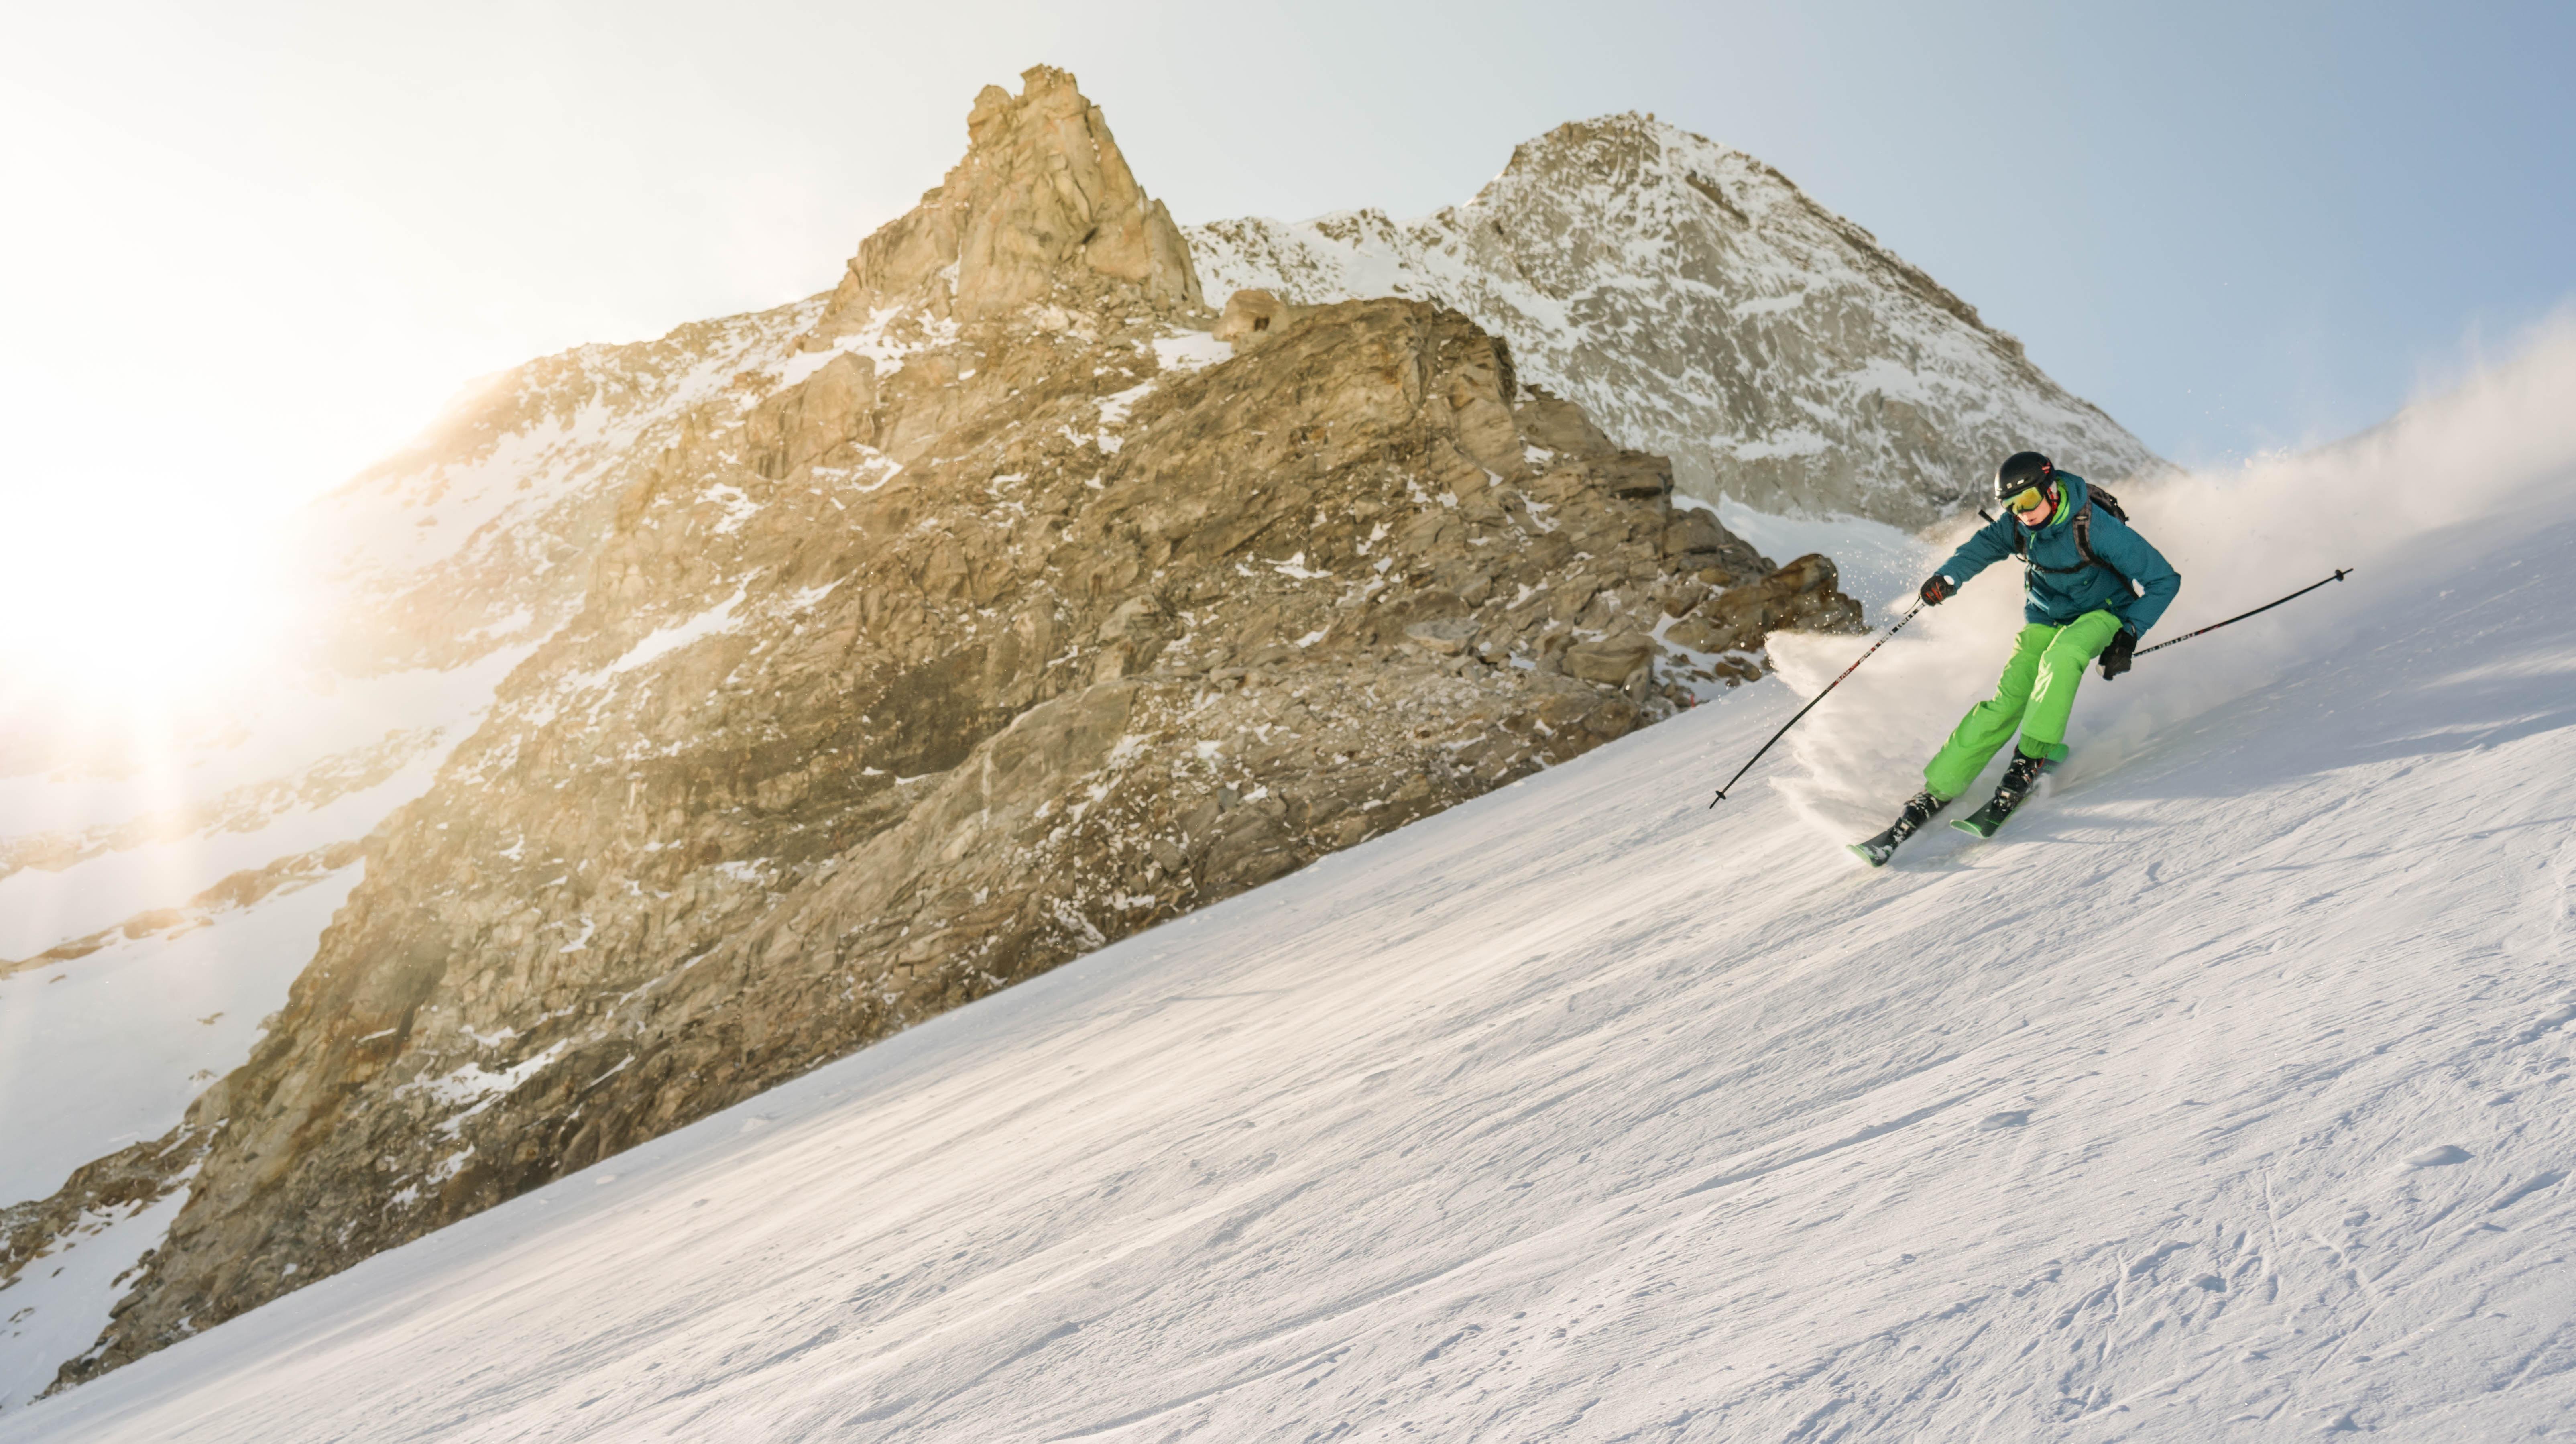 Voorbereid op wintersport - skiën